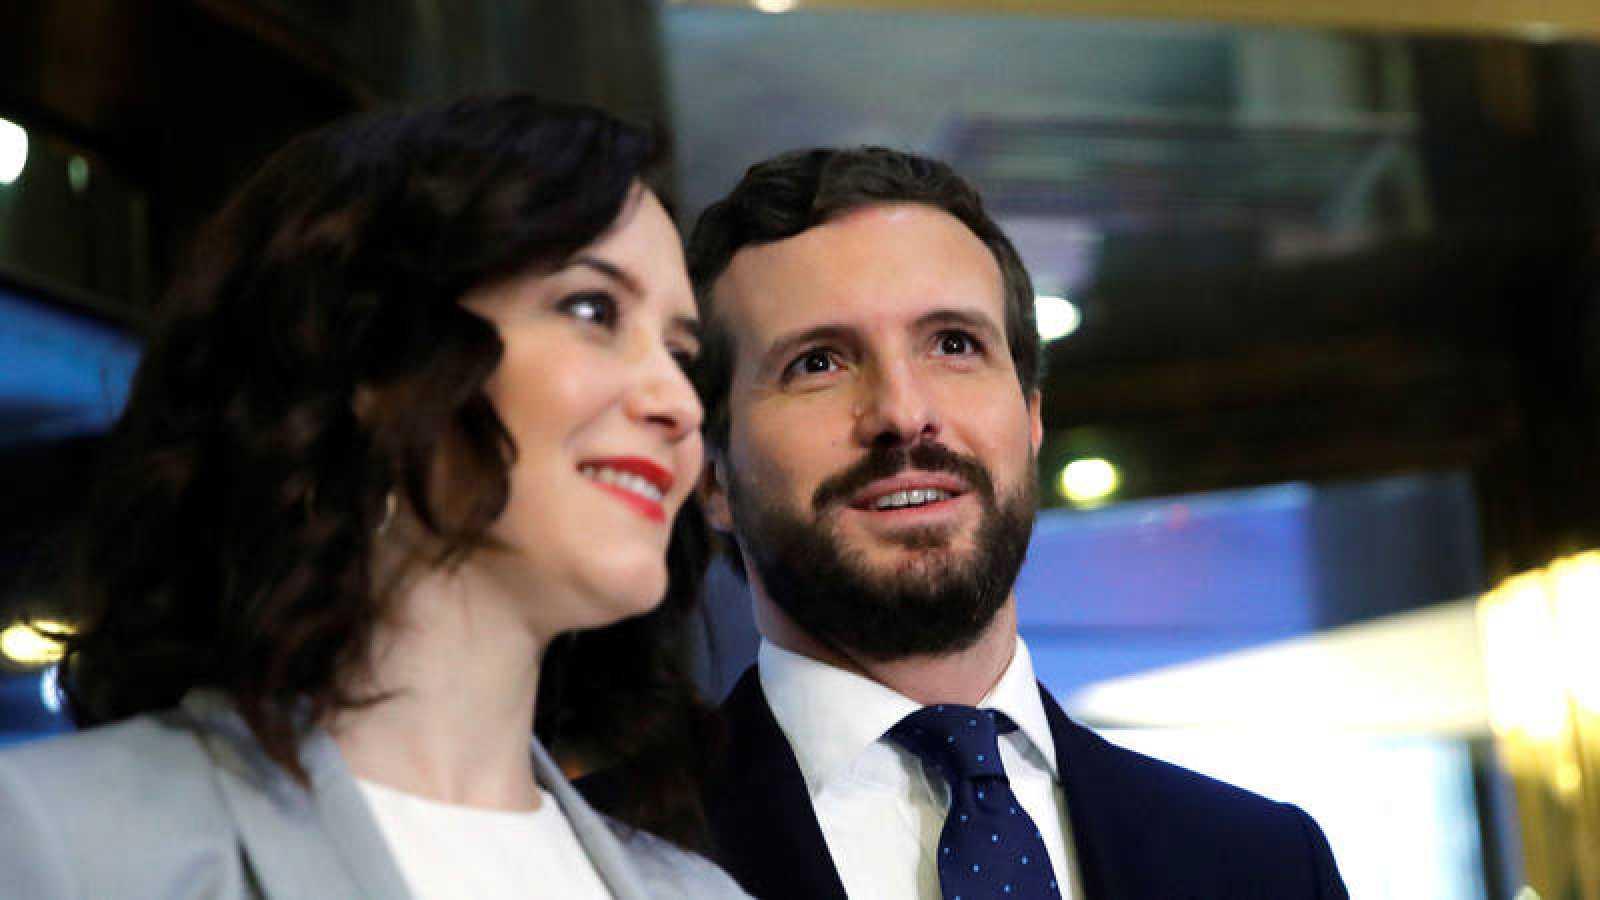 La presidenta de la Comunidad de Madrid, Isabel Díaz Ayuso, y el presidente del PP, Pablo Casado